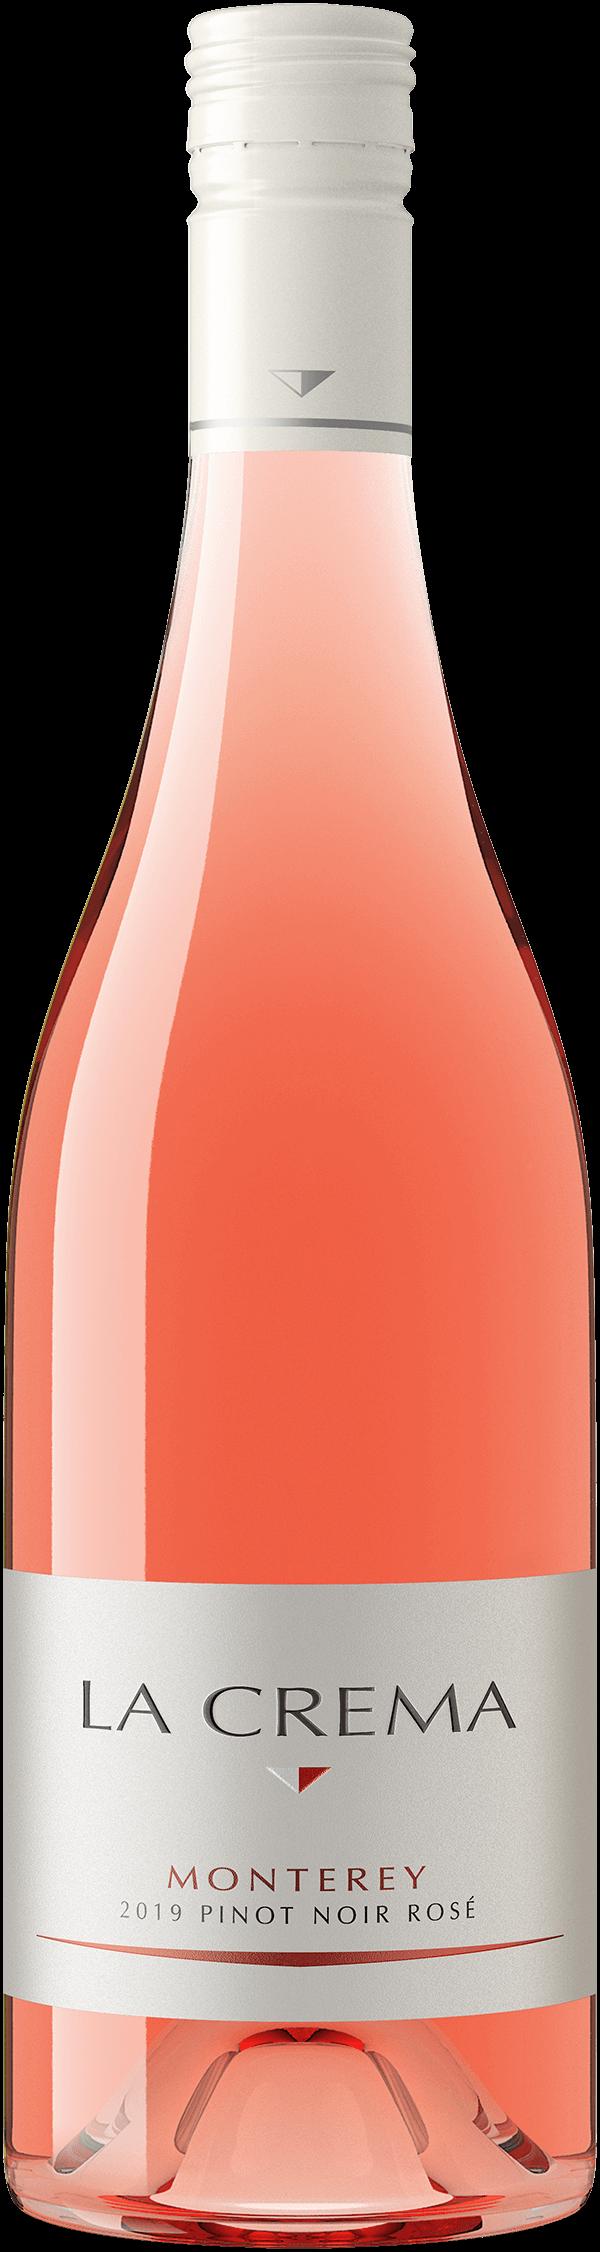 2019 Monterey Pinot Noir Rosé